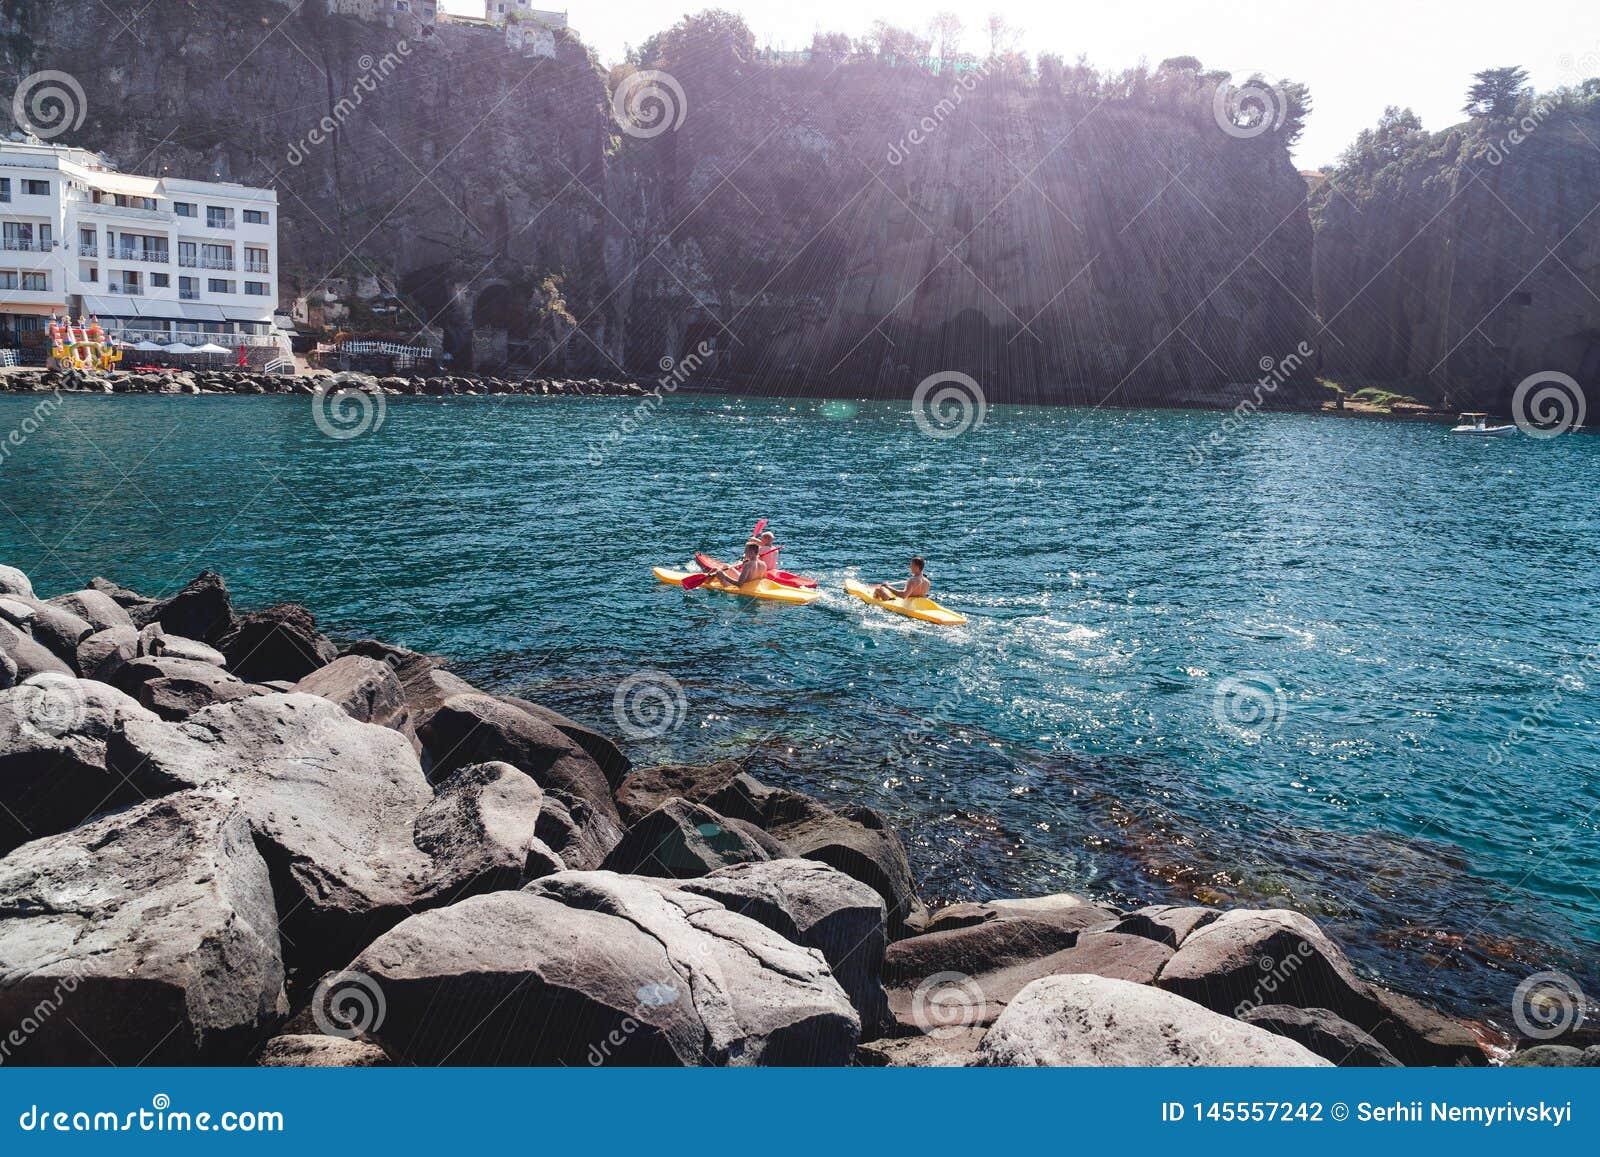 En grupp människor på kajaker seglar Italien Sorrento, Metafjärd är den populära turist- destinationen för sport som kayaking och